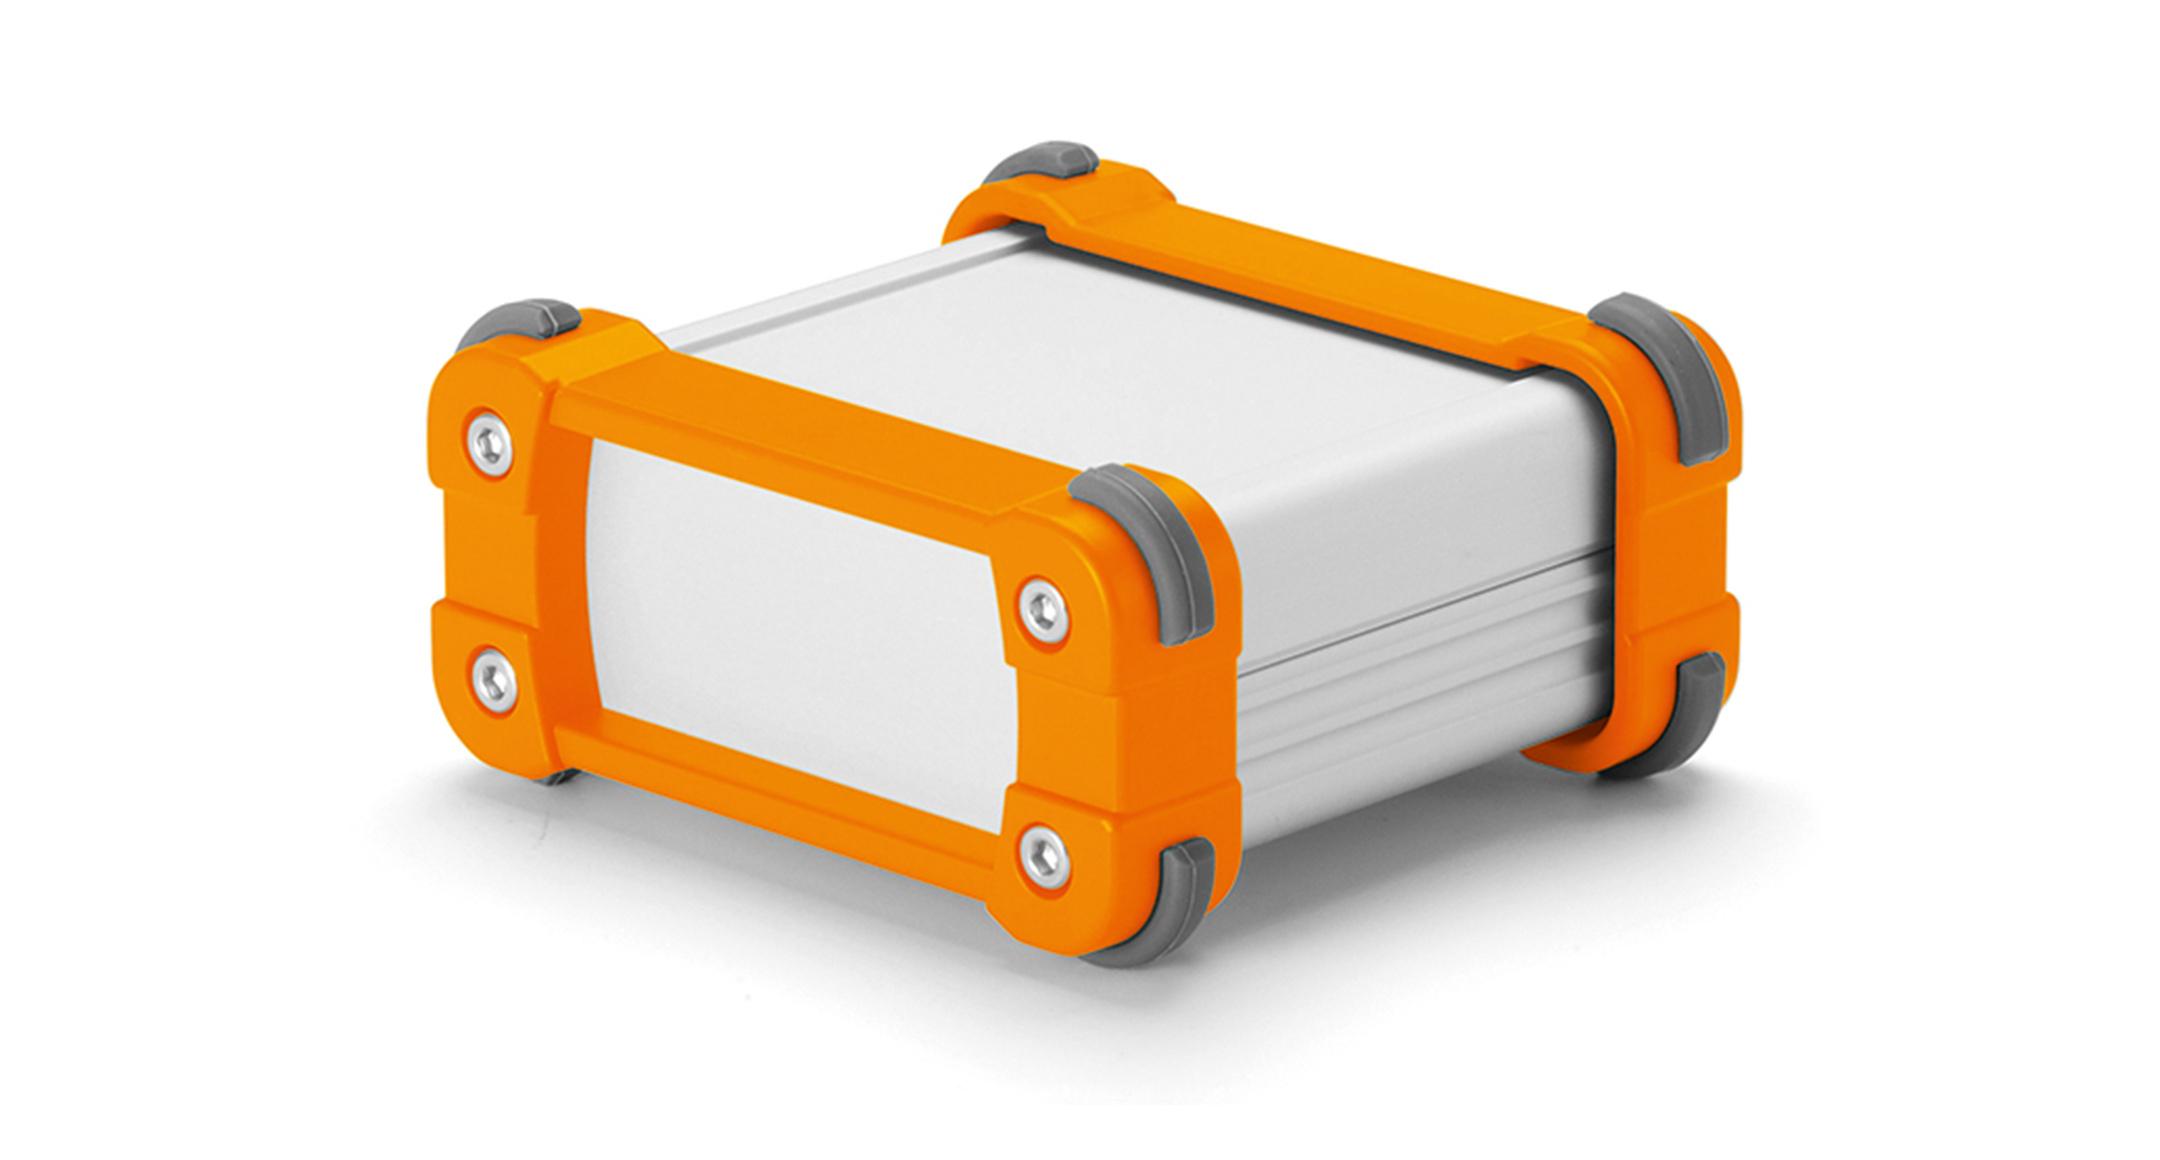 EMCシールド コーナーガード付ケース EXPEシリーズ:シルバー/オレンジの画像